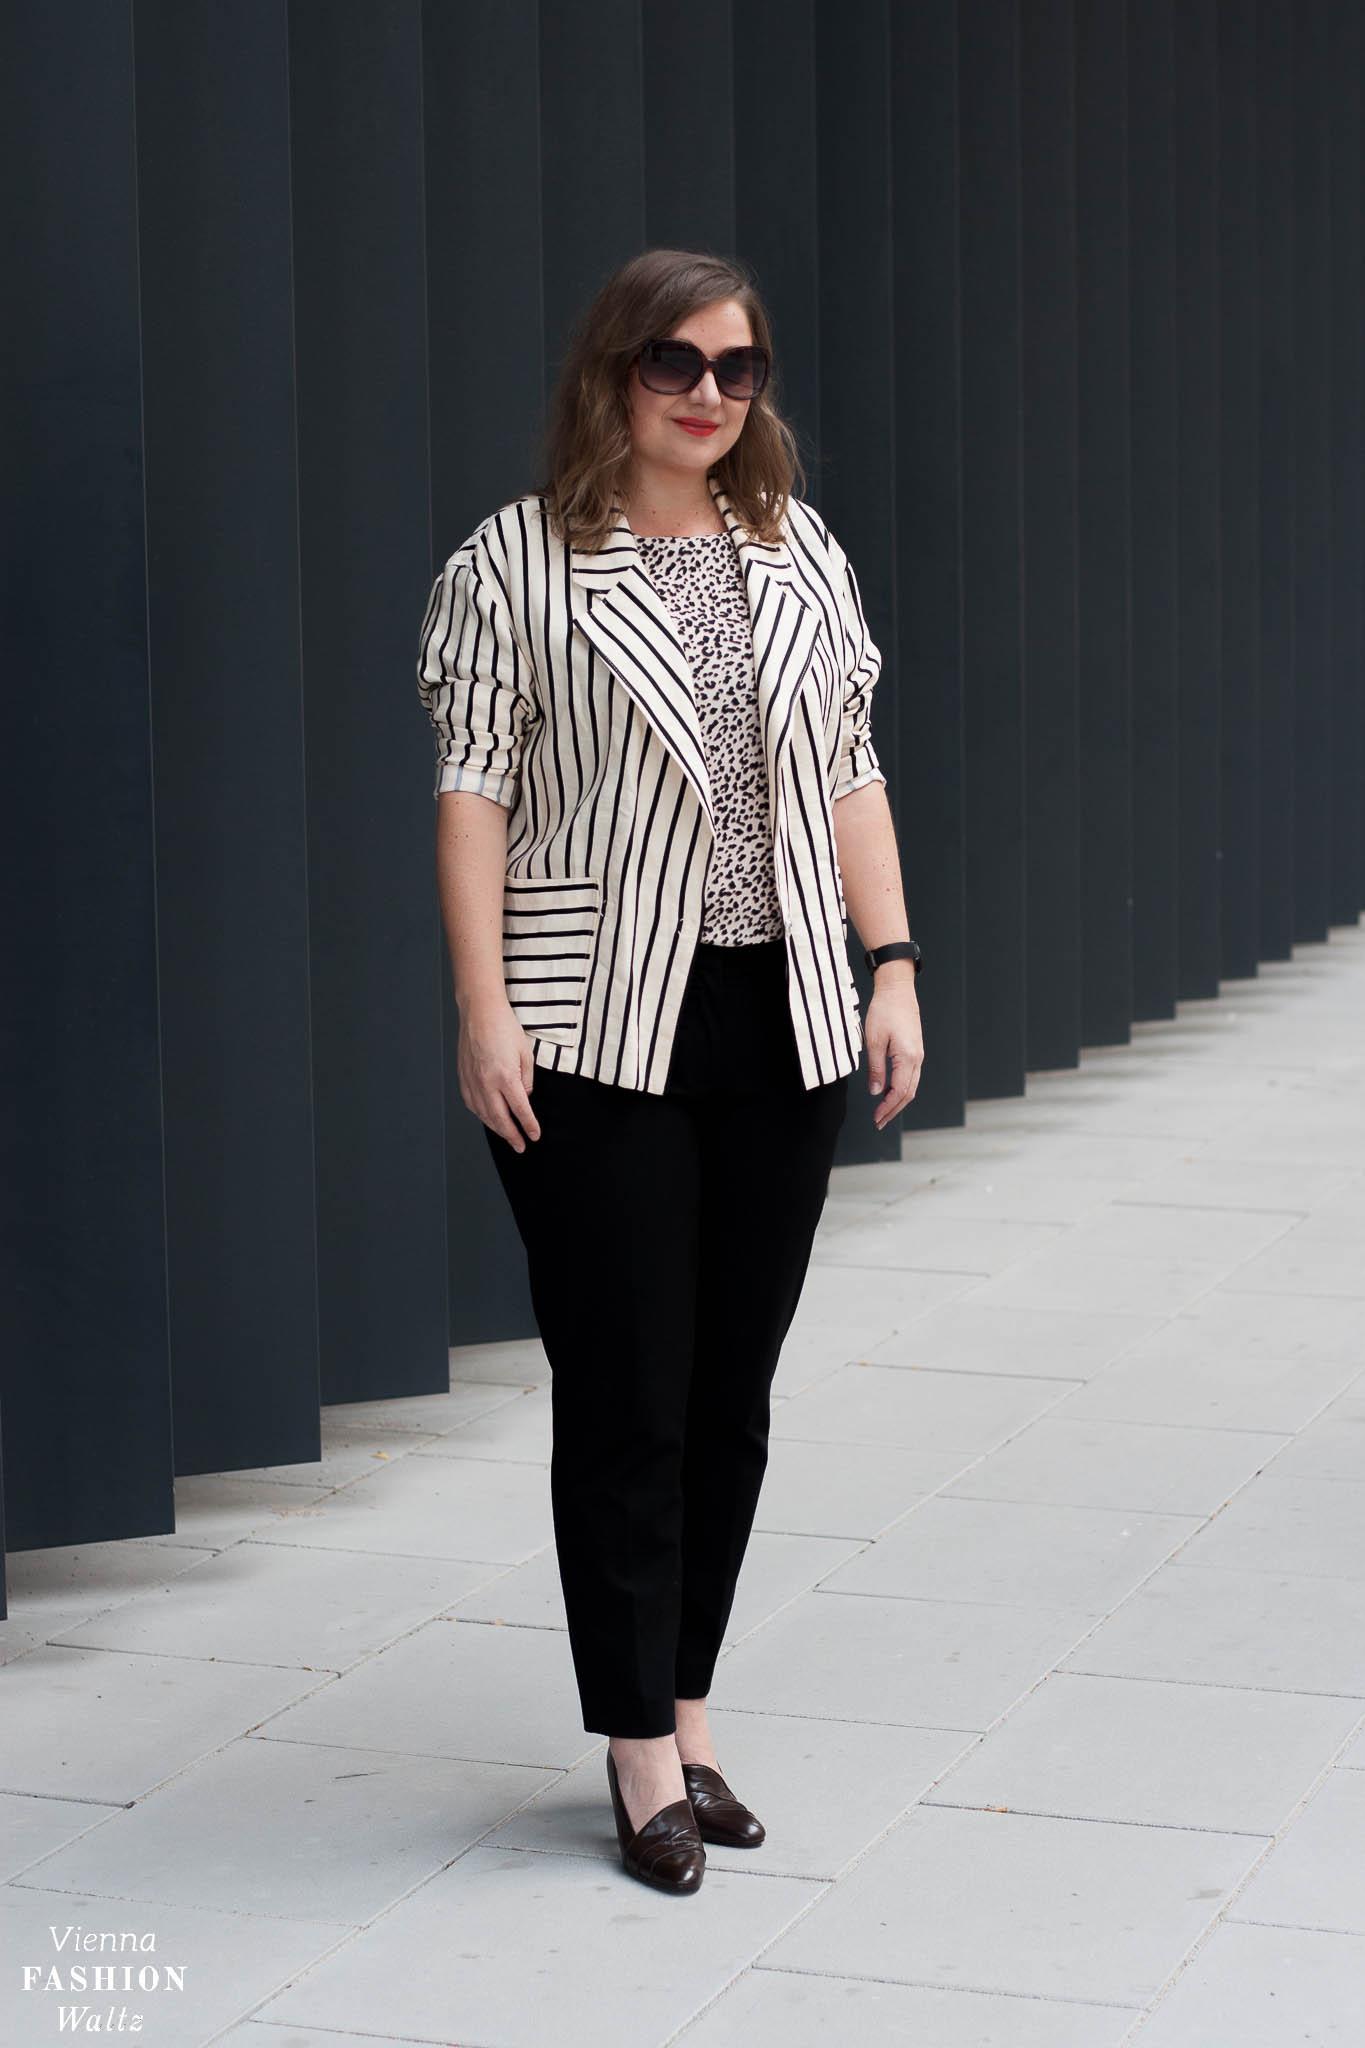 Herbsttrend Leoprint mit Escada Blazer & Stylingtipps, Fashion, Outfit, Trends, Style